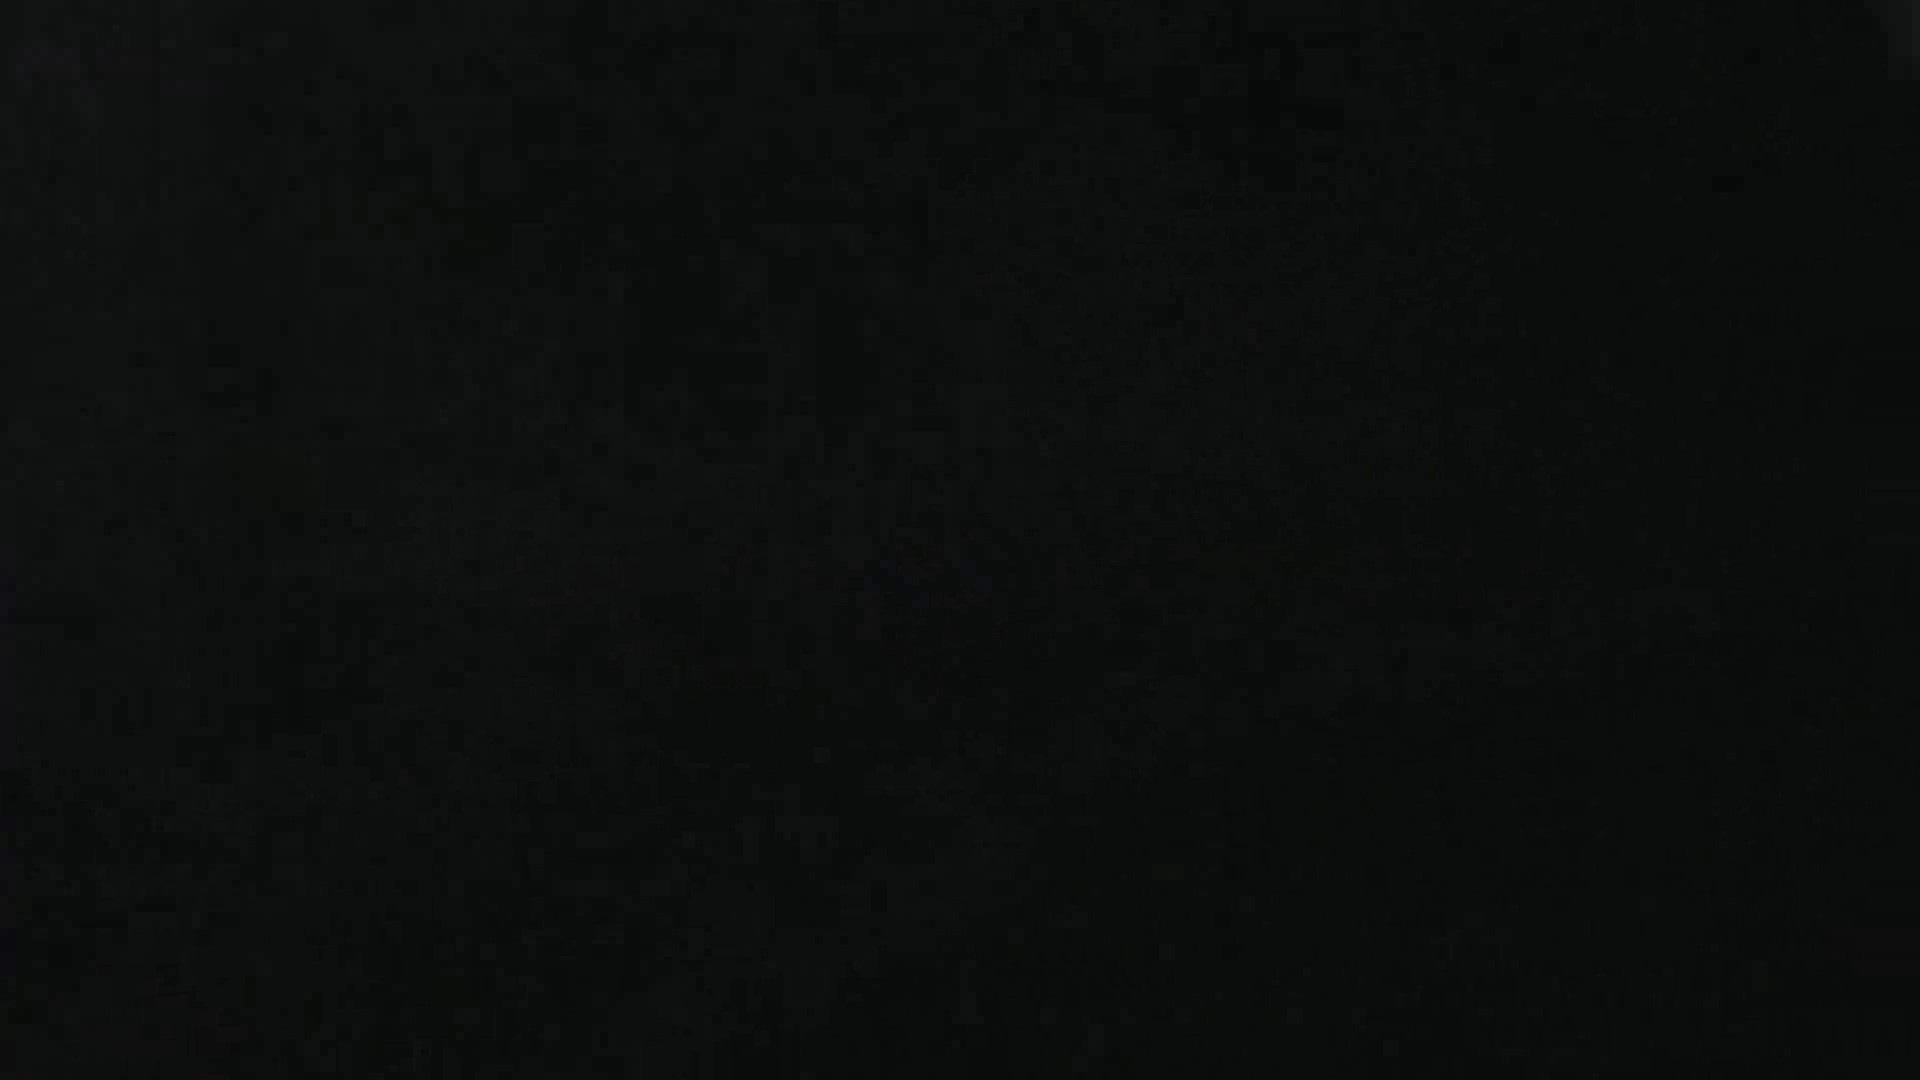 キレカワ女子大生の秘密の洗面所!Vol.009 萌え女子大生 盗撮動画紹介 95連発 19